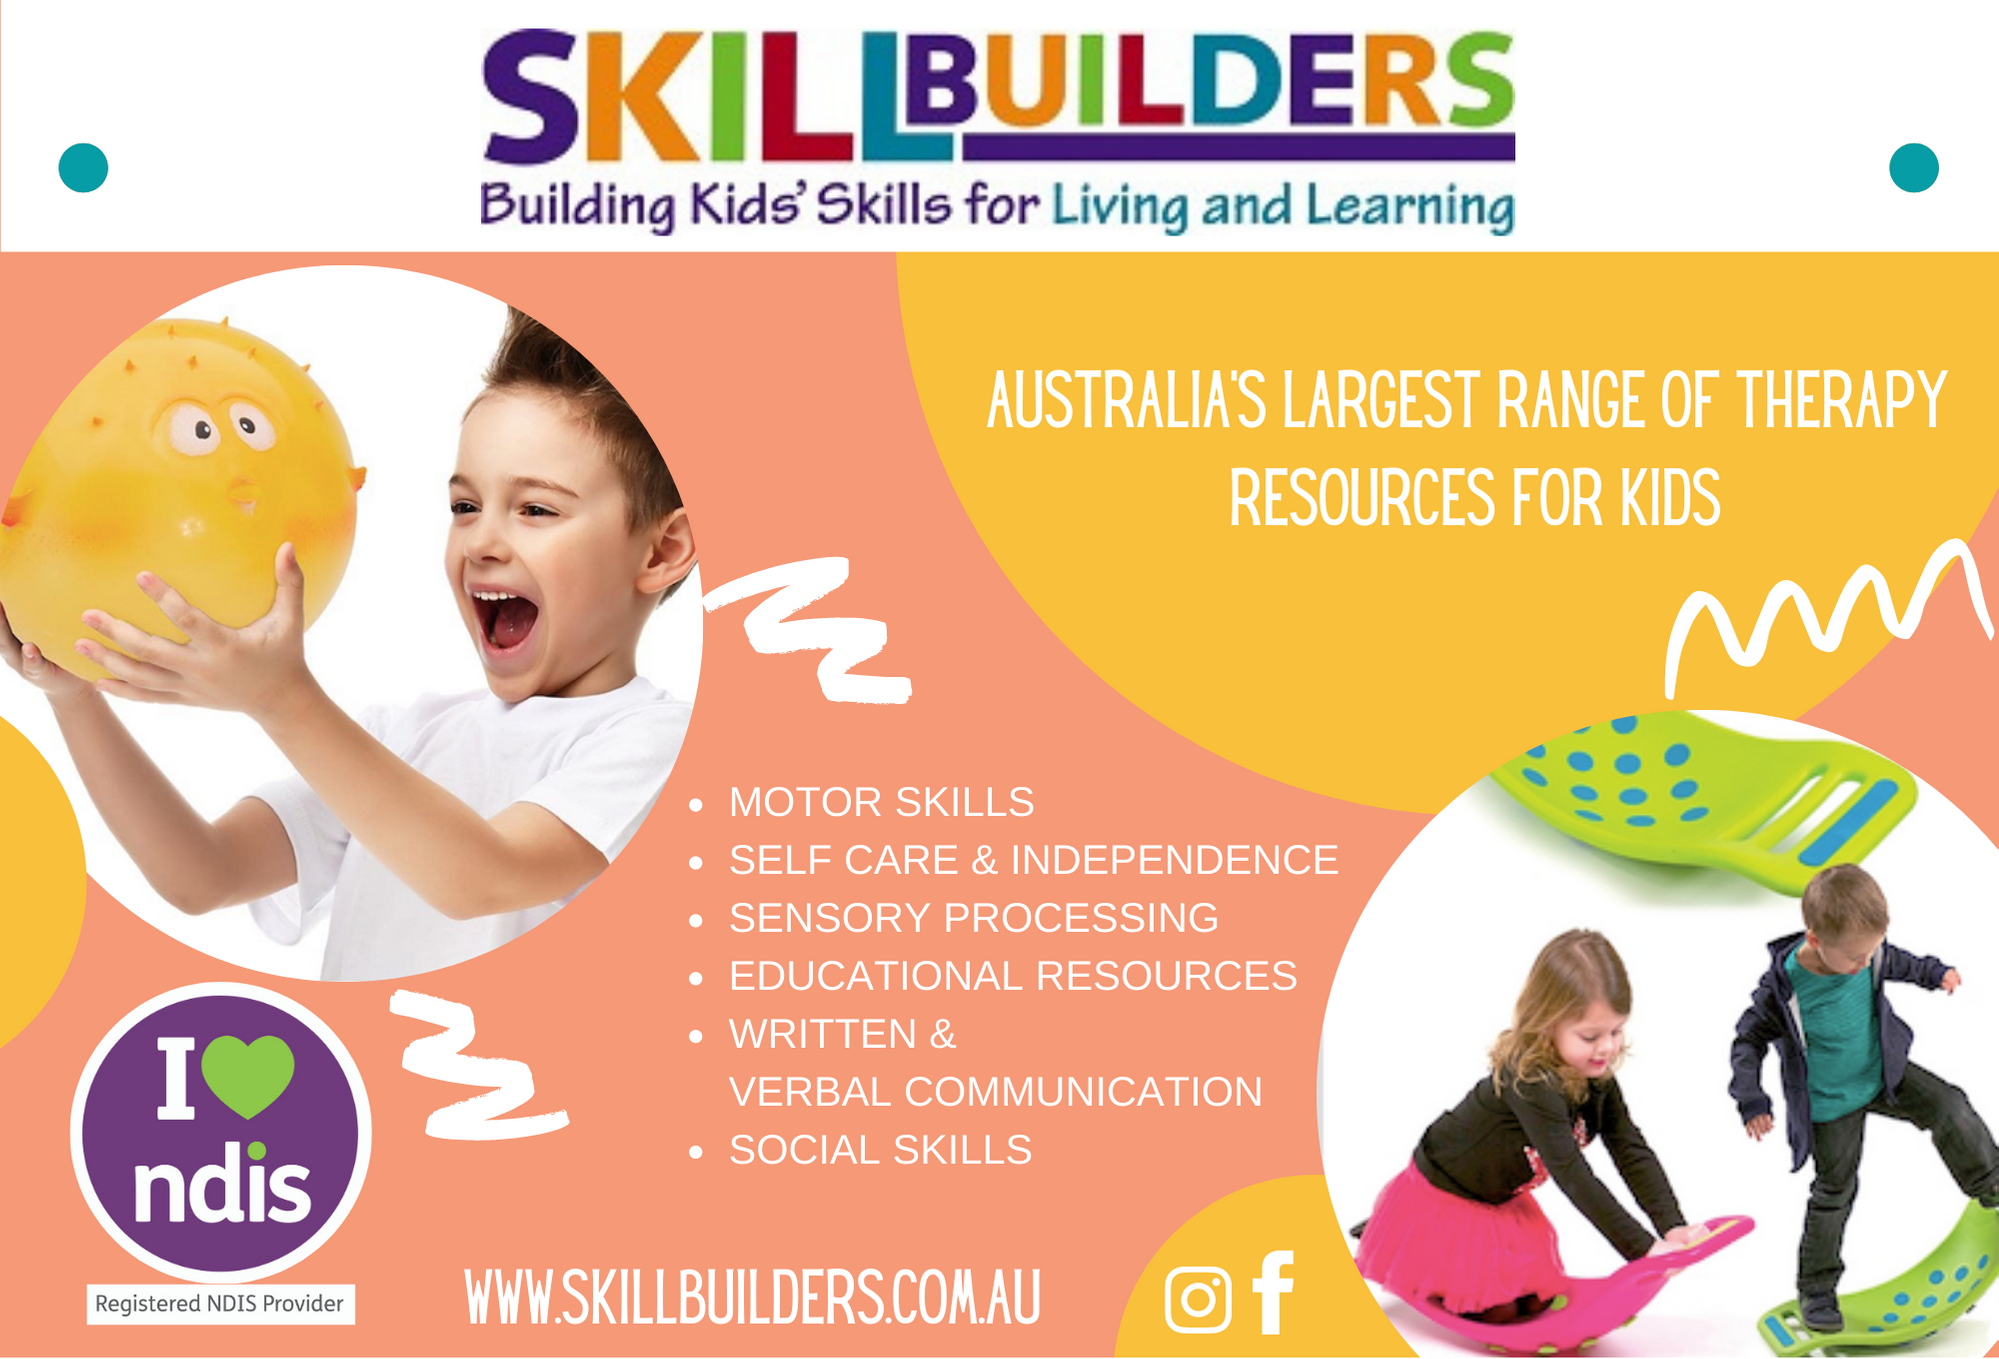 skillbuilders-marketing.png